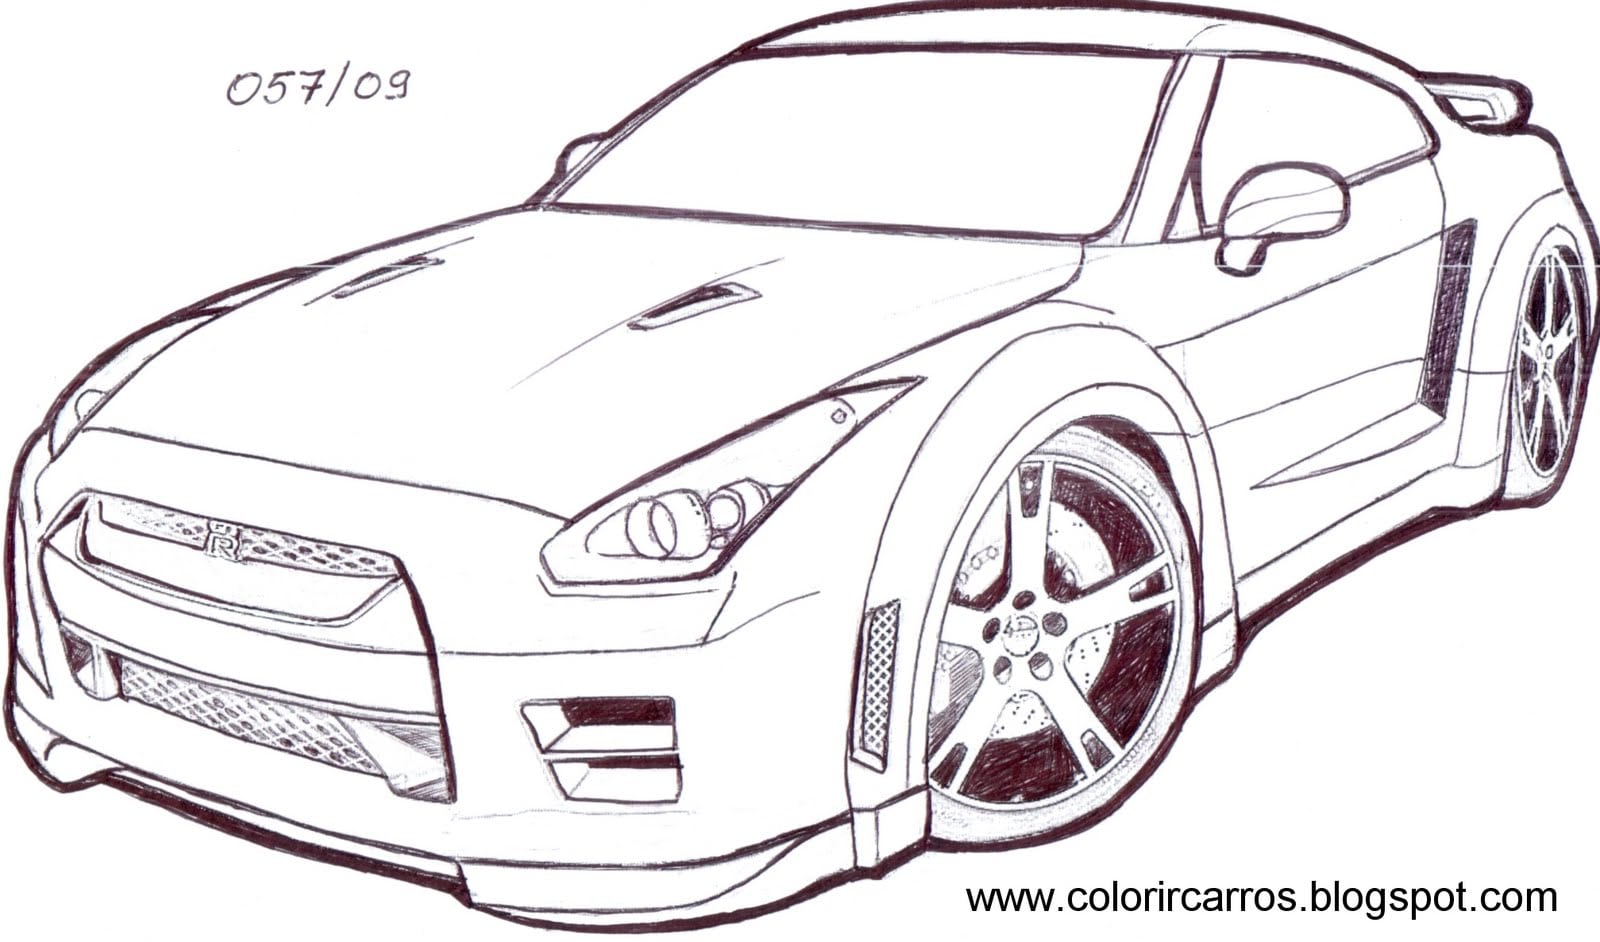 Desenho Para Colorir De Carros Disney: Desenhos De Carros Esportivos